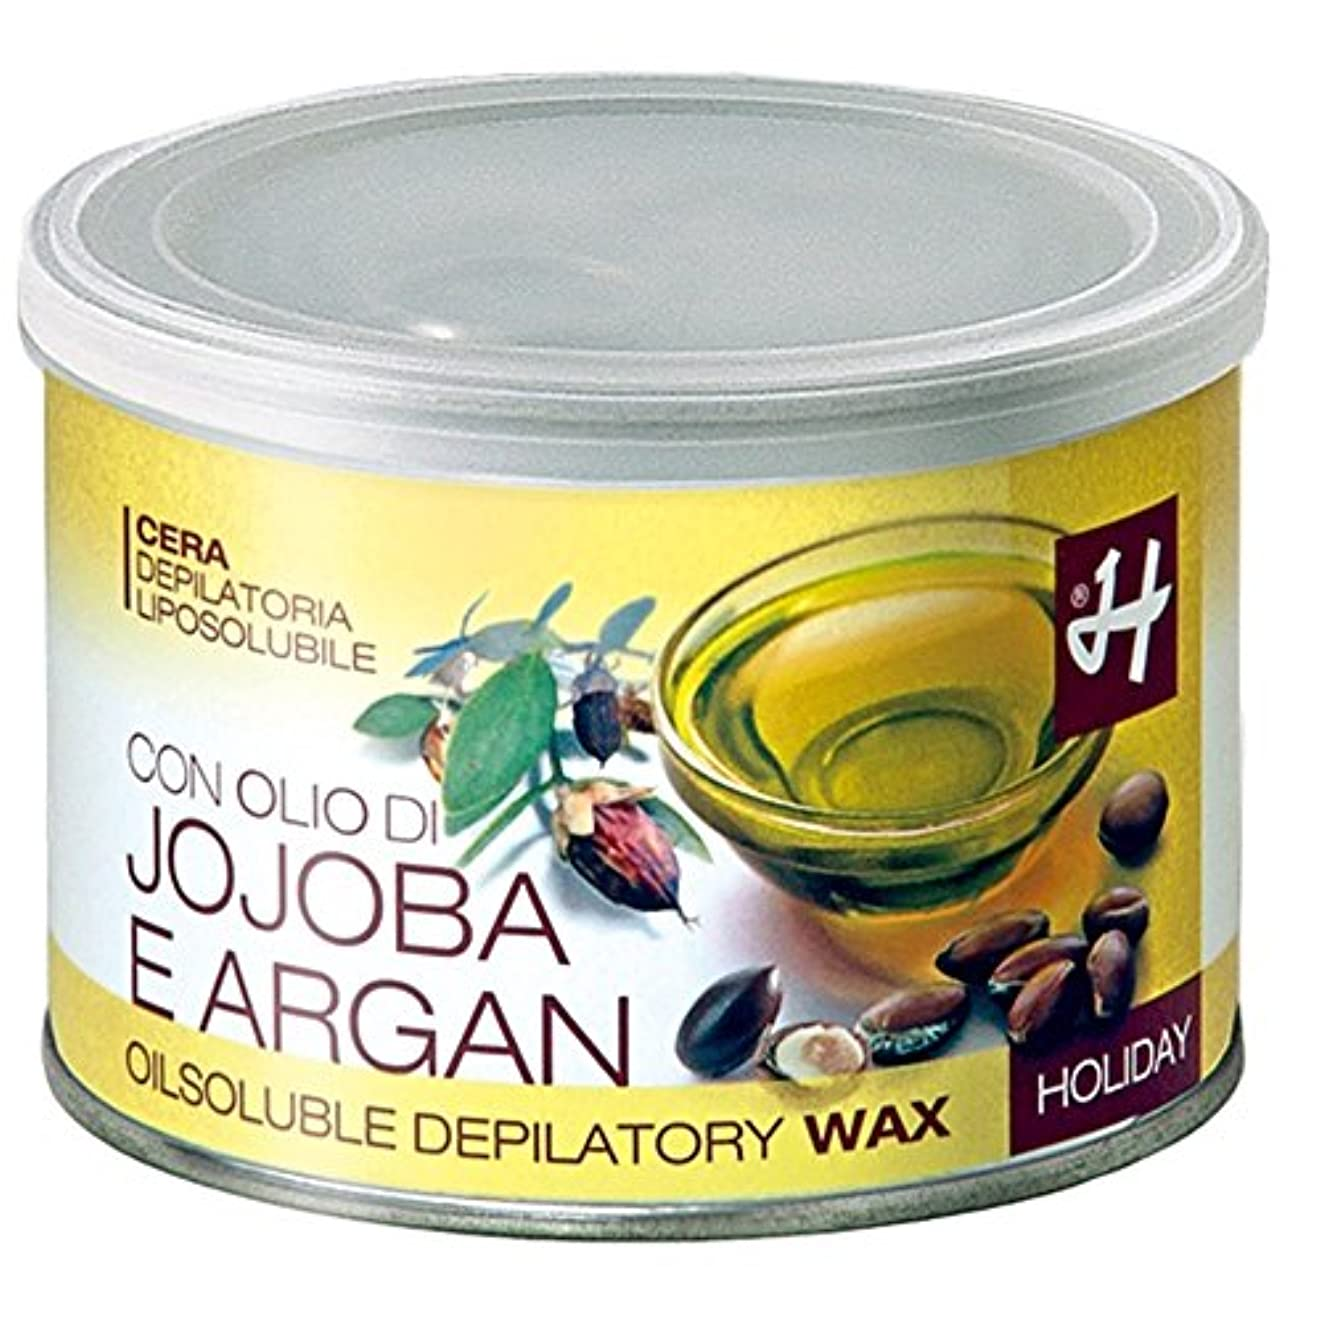 ストラップスロー海賊HOLIDAY JAPAN (ホリデイジャパン) ホホバ&アルガンオイル?エレメンツ ロジンフリーワックス 400ml イタリア製 ブラジリアンワックス WAX